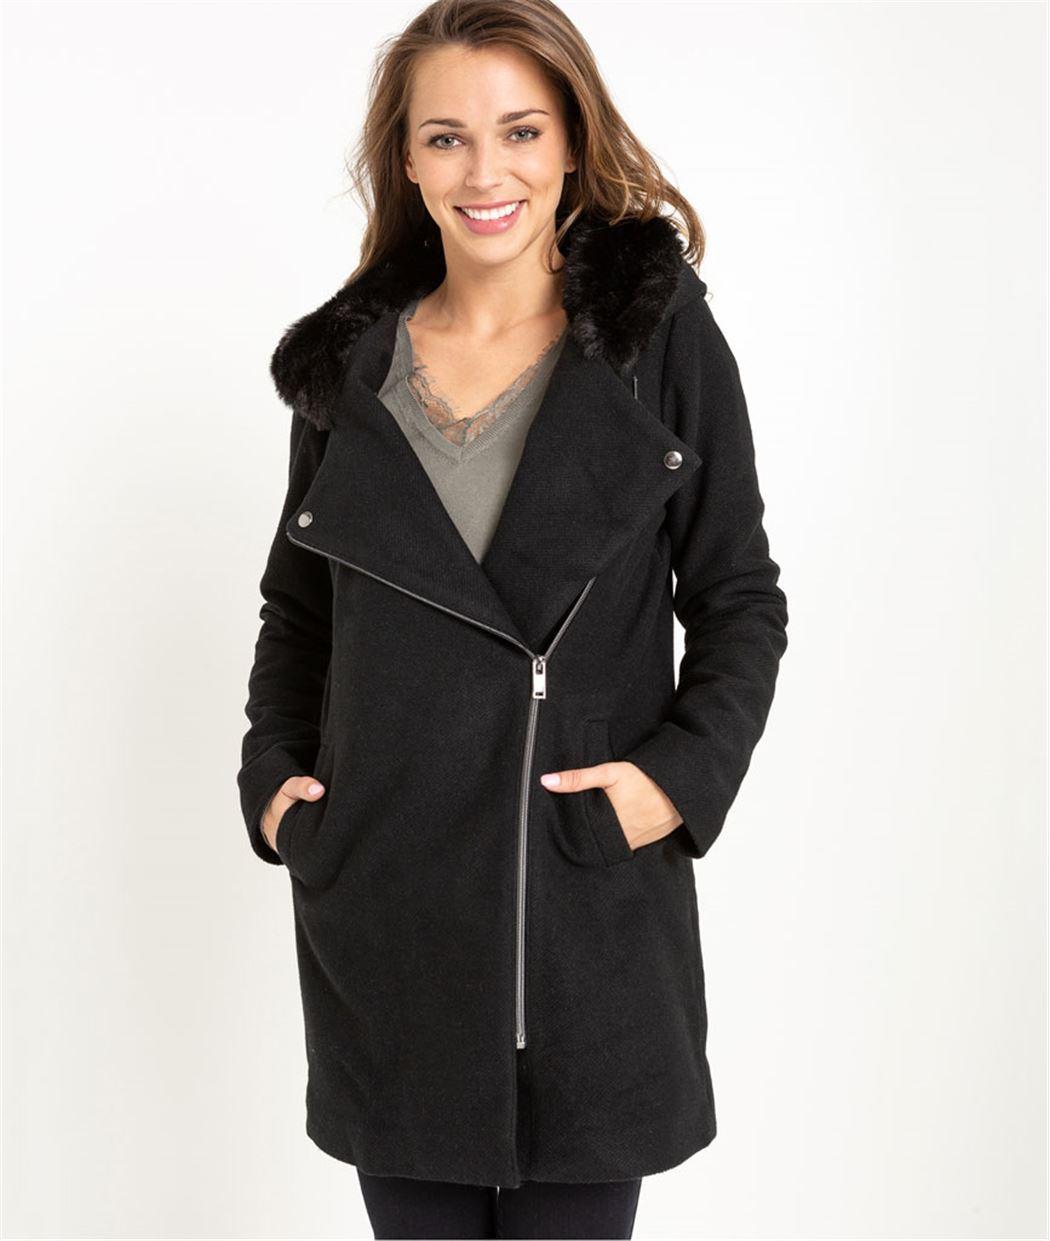 Manteau femme avec fausse fourrure NOIR